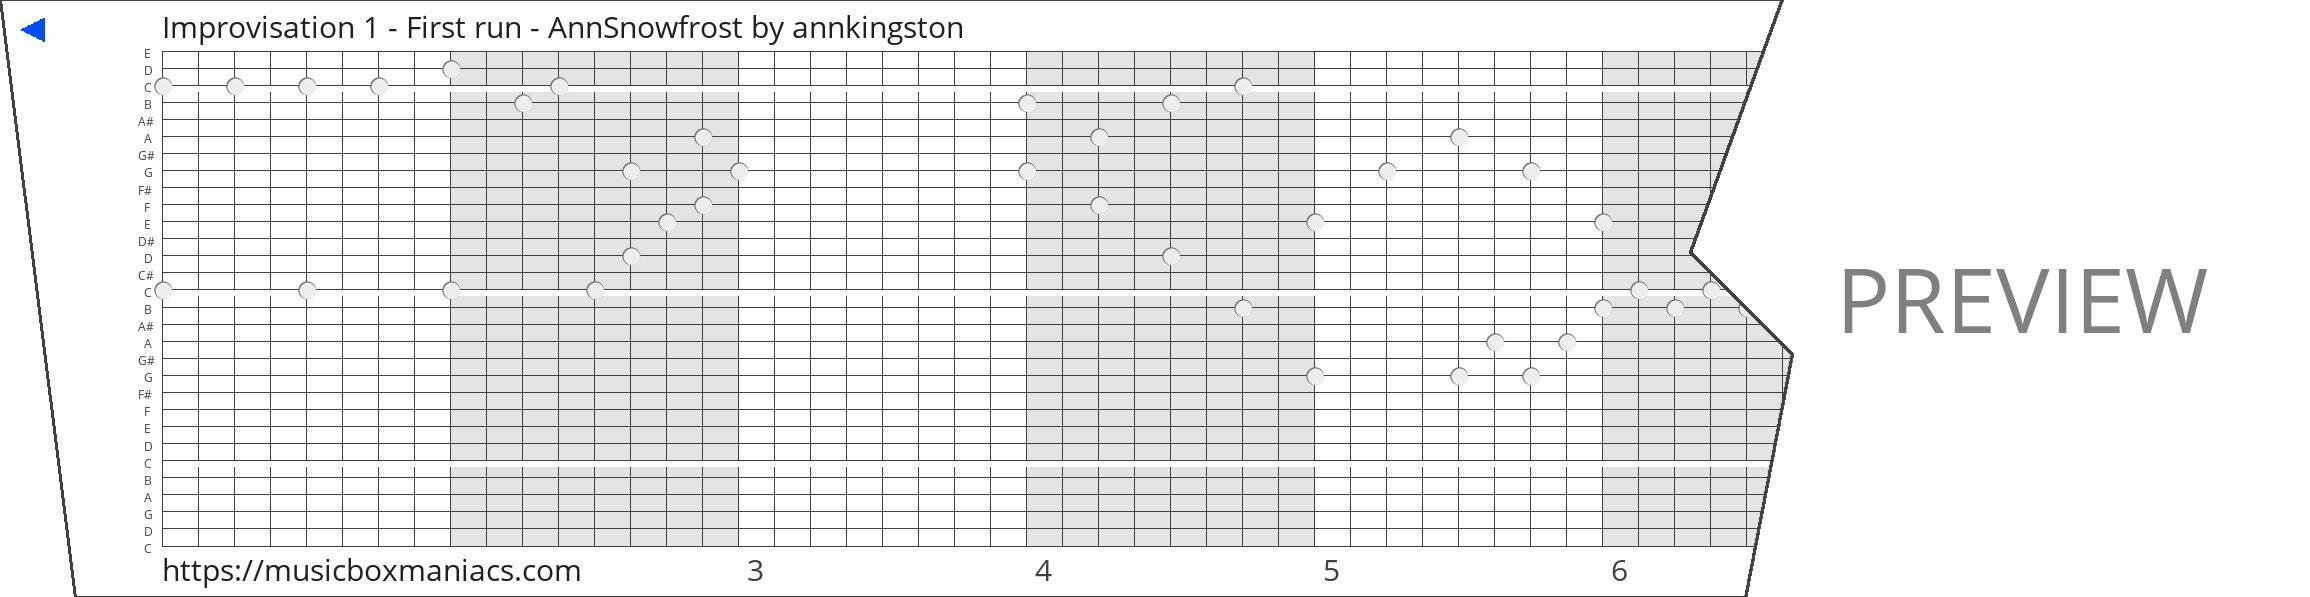 Improvisation 1 - First run - AnnSnowfrost 30 note music box paper strip